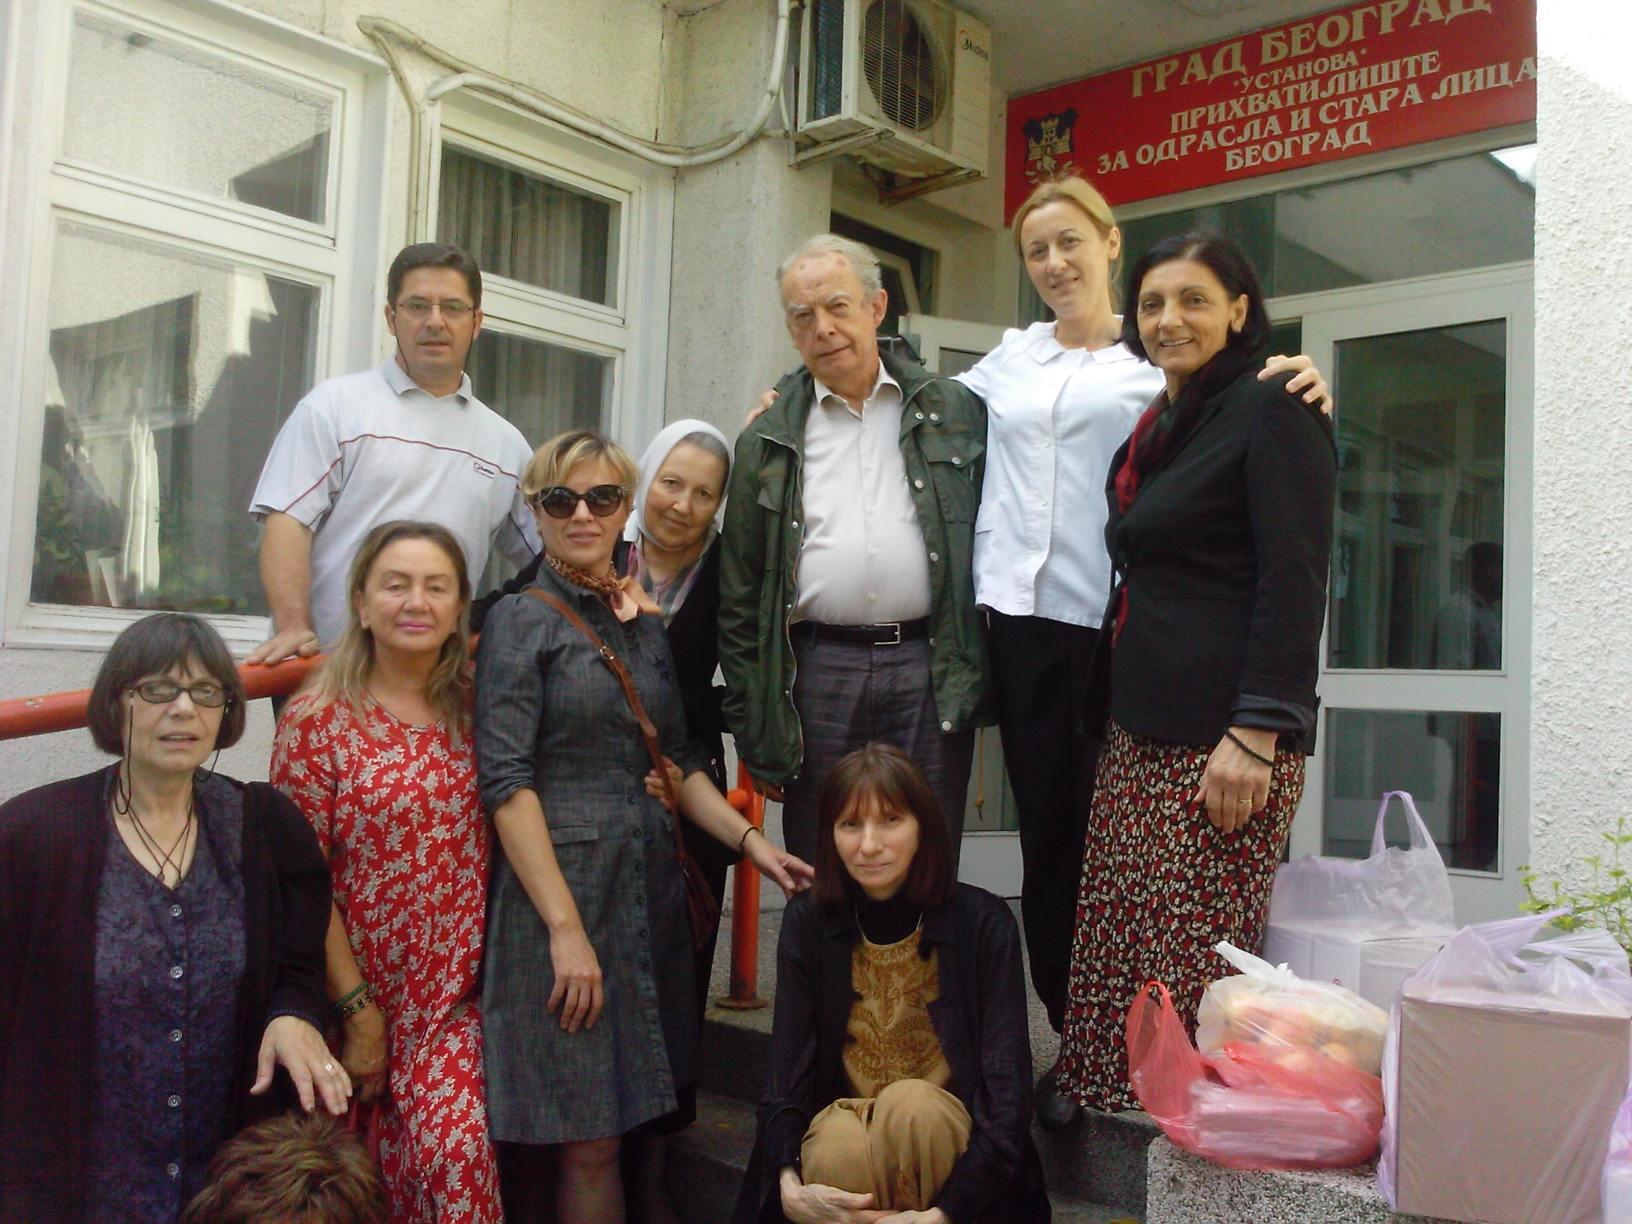 Чланови милосрдне секције са особљем прихватилишта за одрасла и стара лица 02.10.2016.